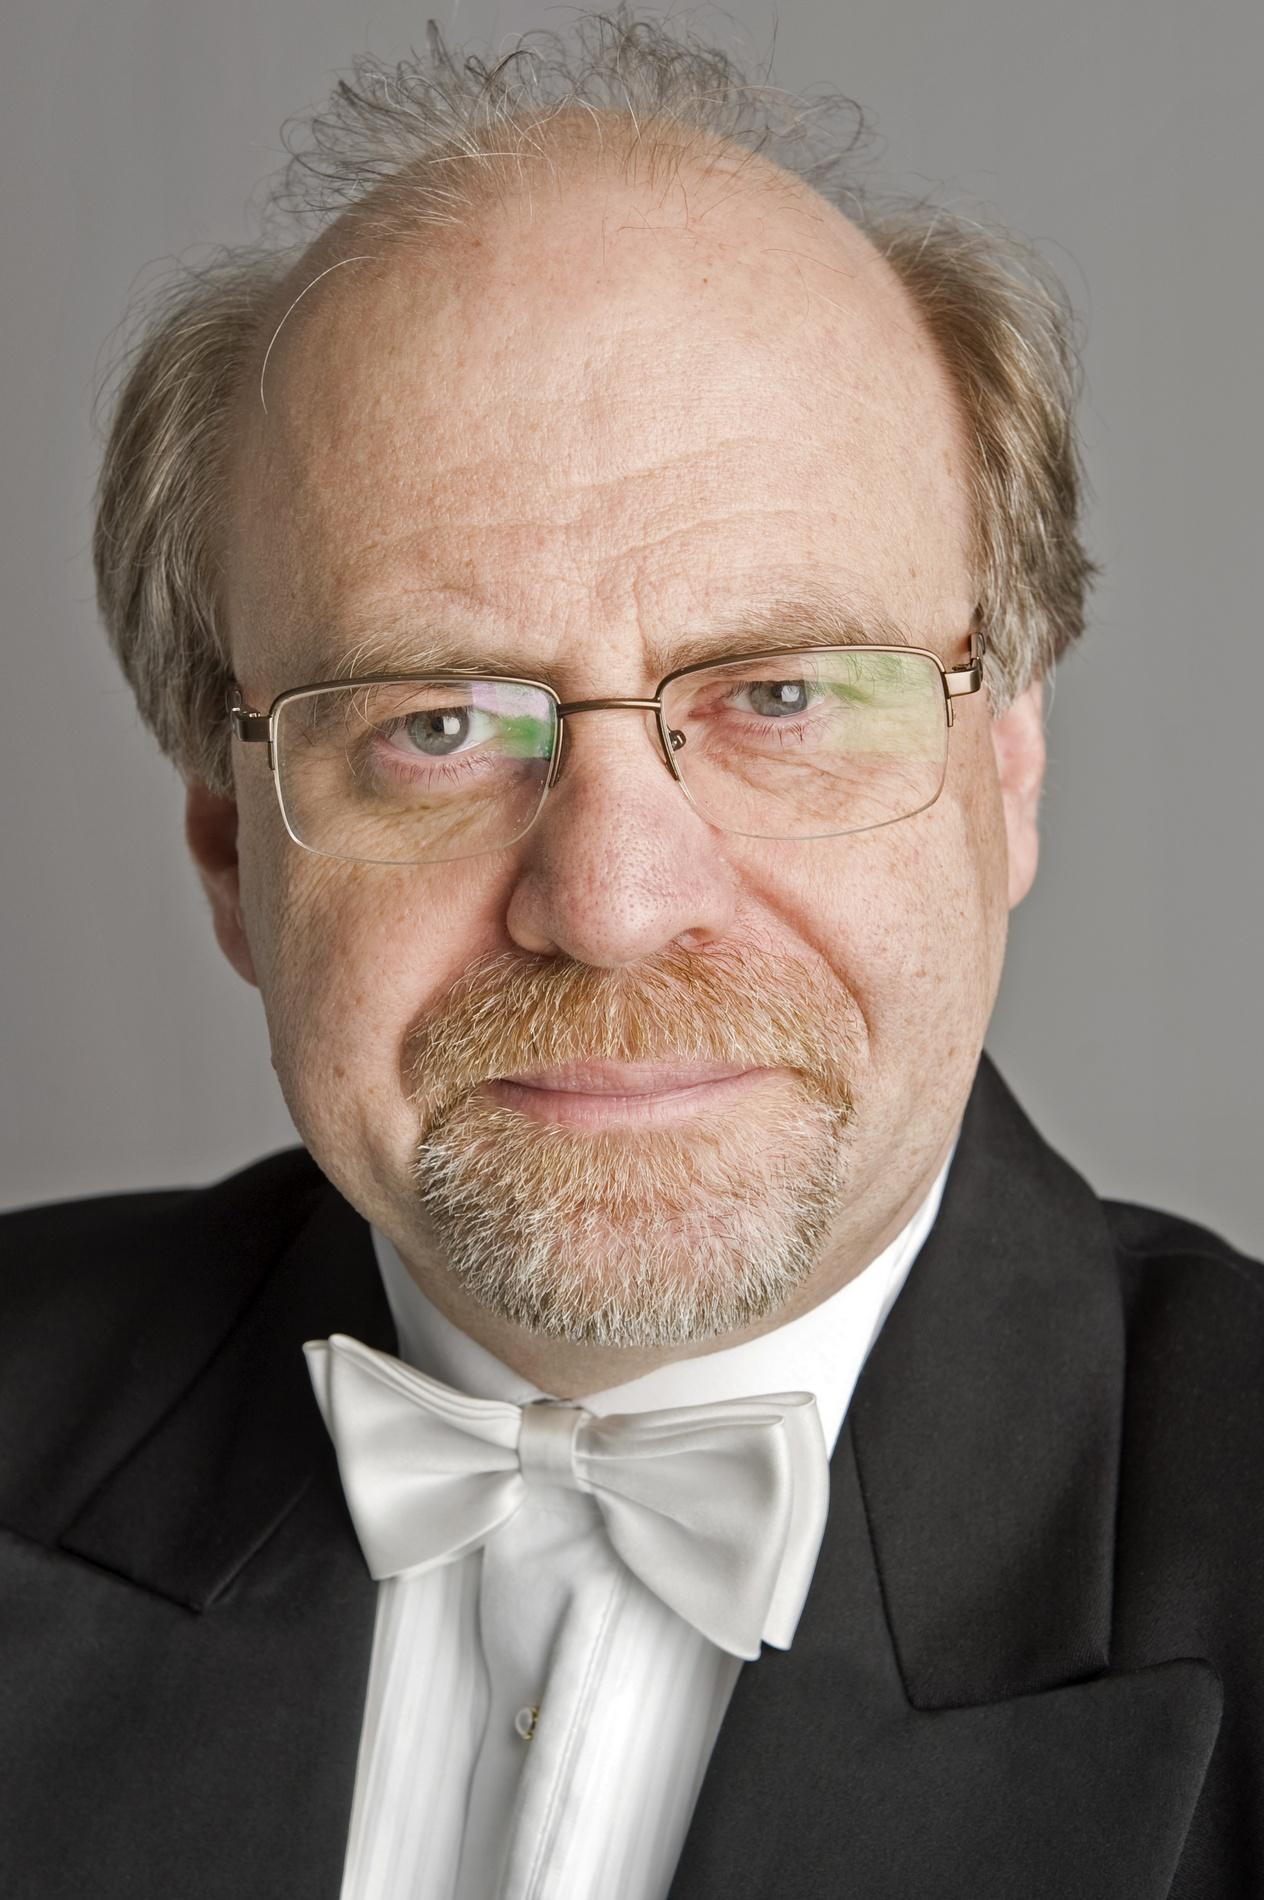 Roman Rewakowicz, fot. Kuba Pajewski (źródło: materiały prasowe organizatora)